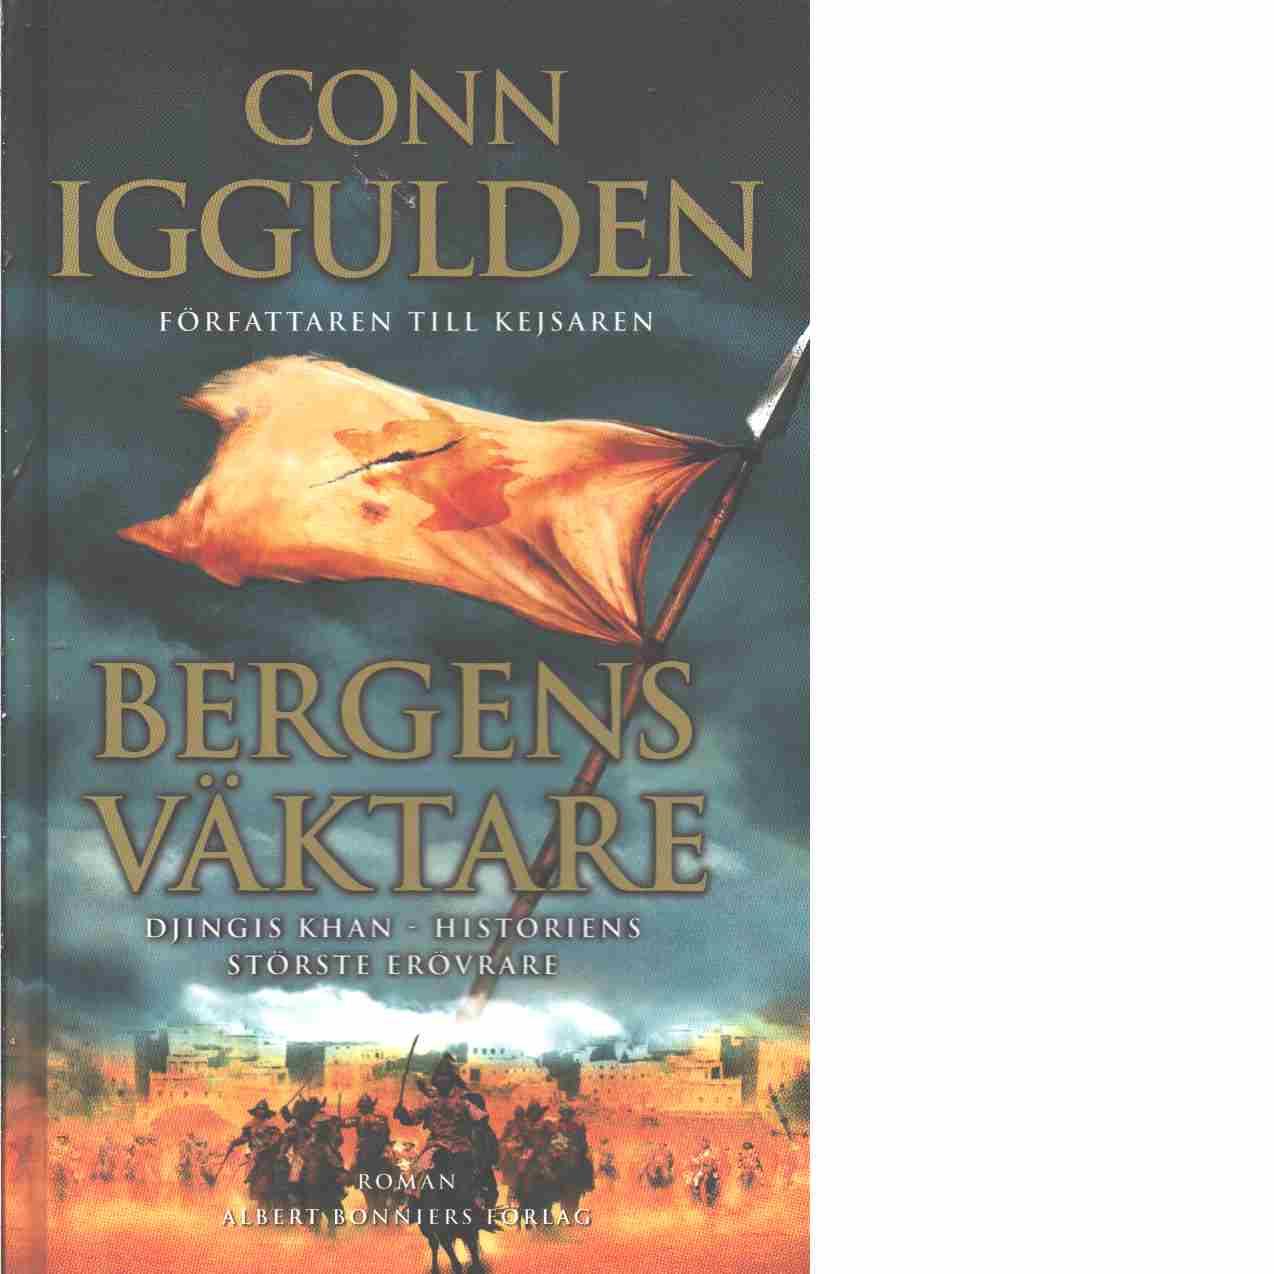 Bergens väktare : [Djingis Khan - historiens störste erövrare] - Iggulden, Conn